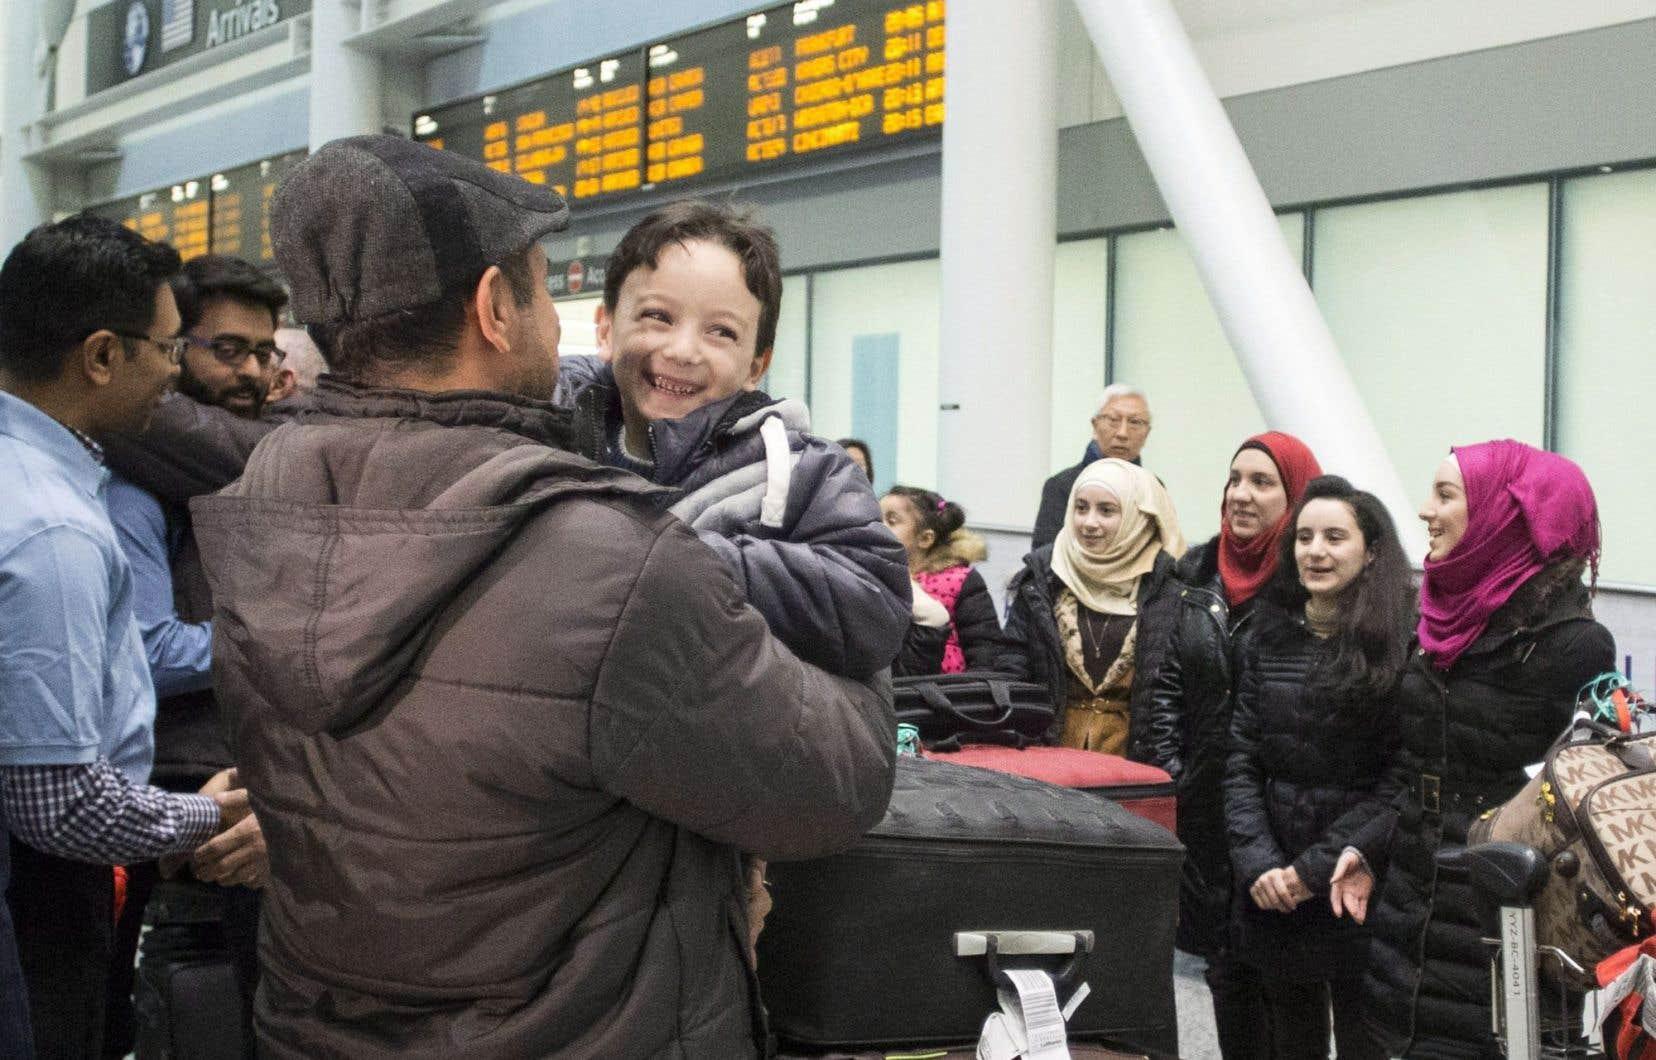 Un premier groupe de réfugiés syriens est arrivé à Toronto jeudi soir. Le jeune Ahmad Mazan Khabbaz en était fort heureux.